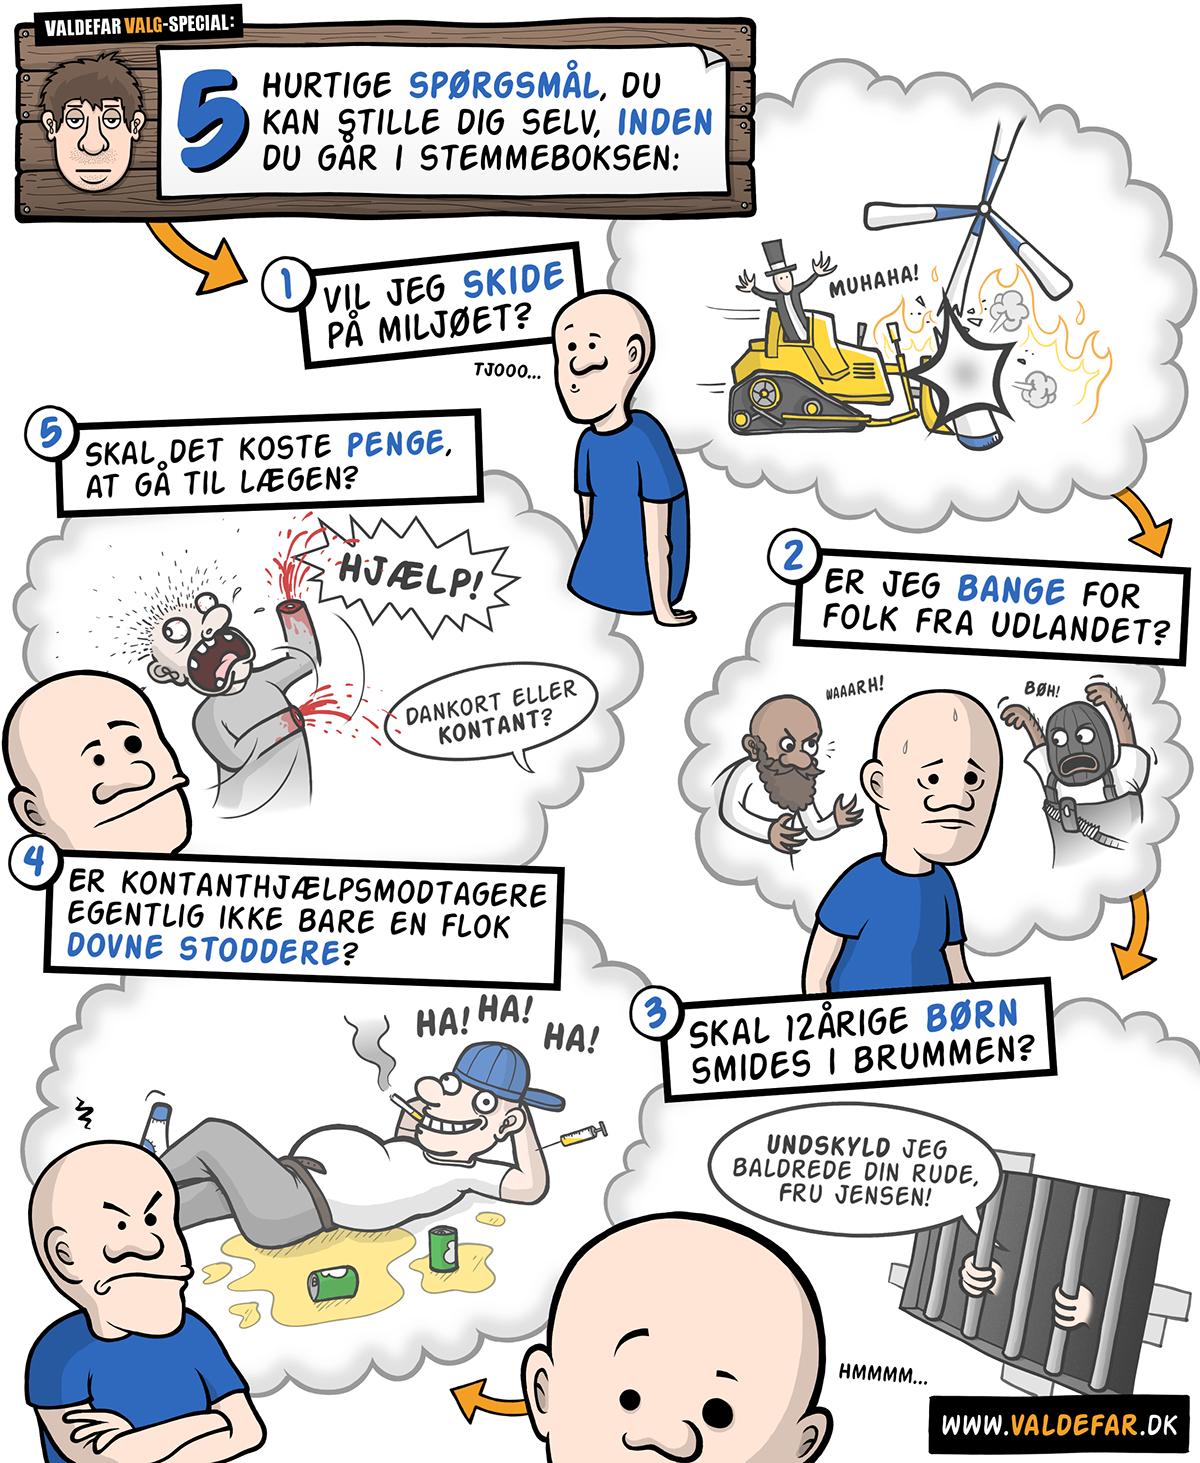 Webcomic Valdefar Valdefardk cartoon comic Blog